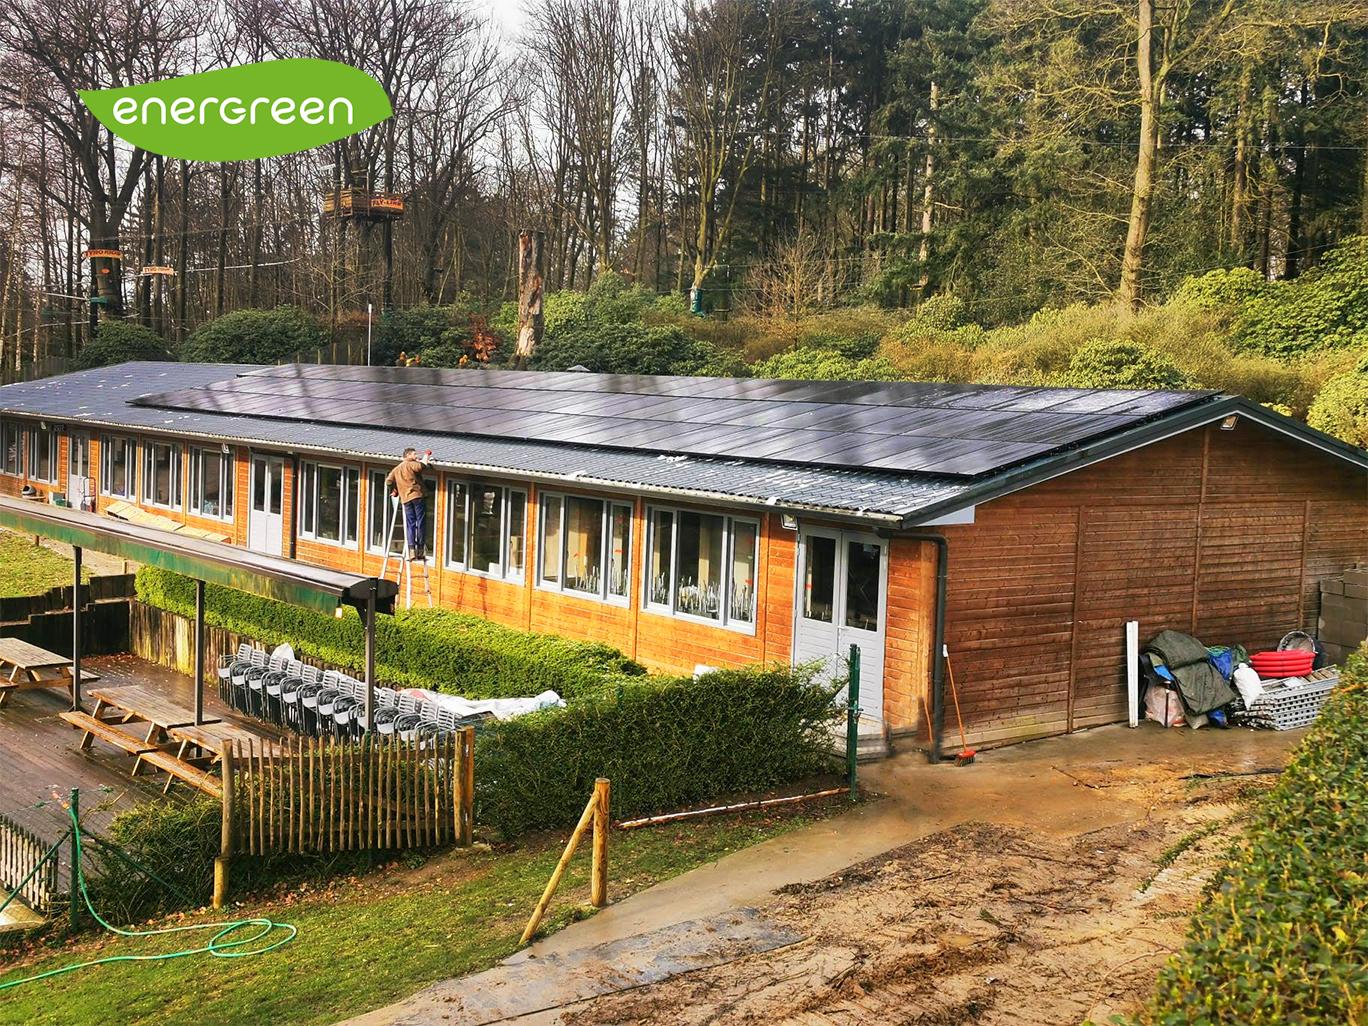 Installation panneaux photovoltaïques Sunpower Performance P19 315 Black Energreen